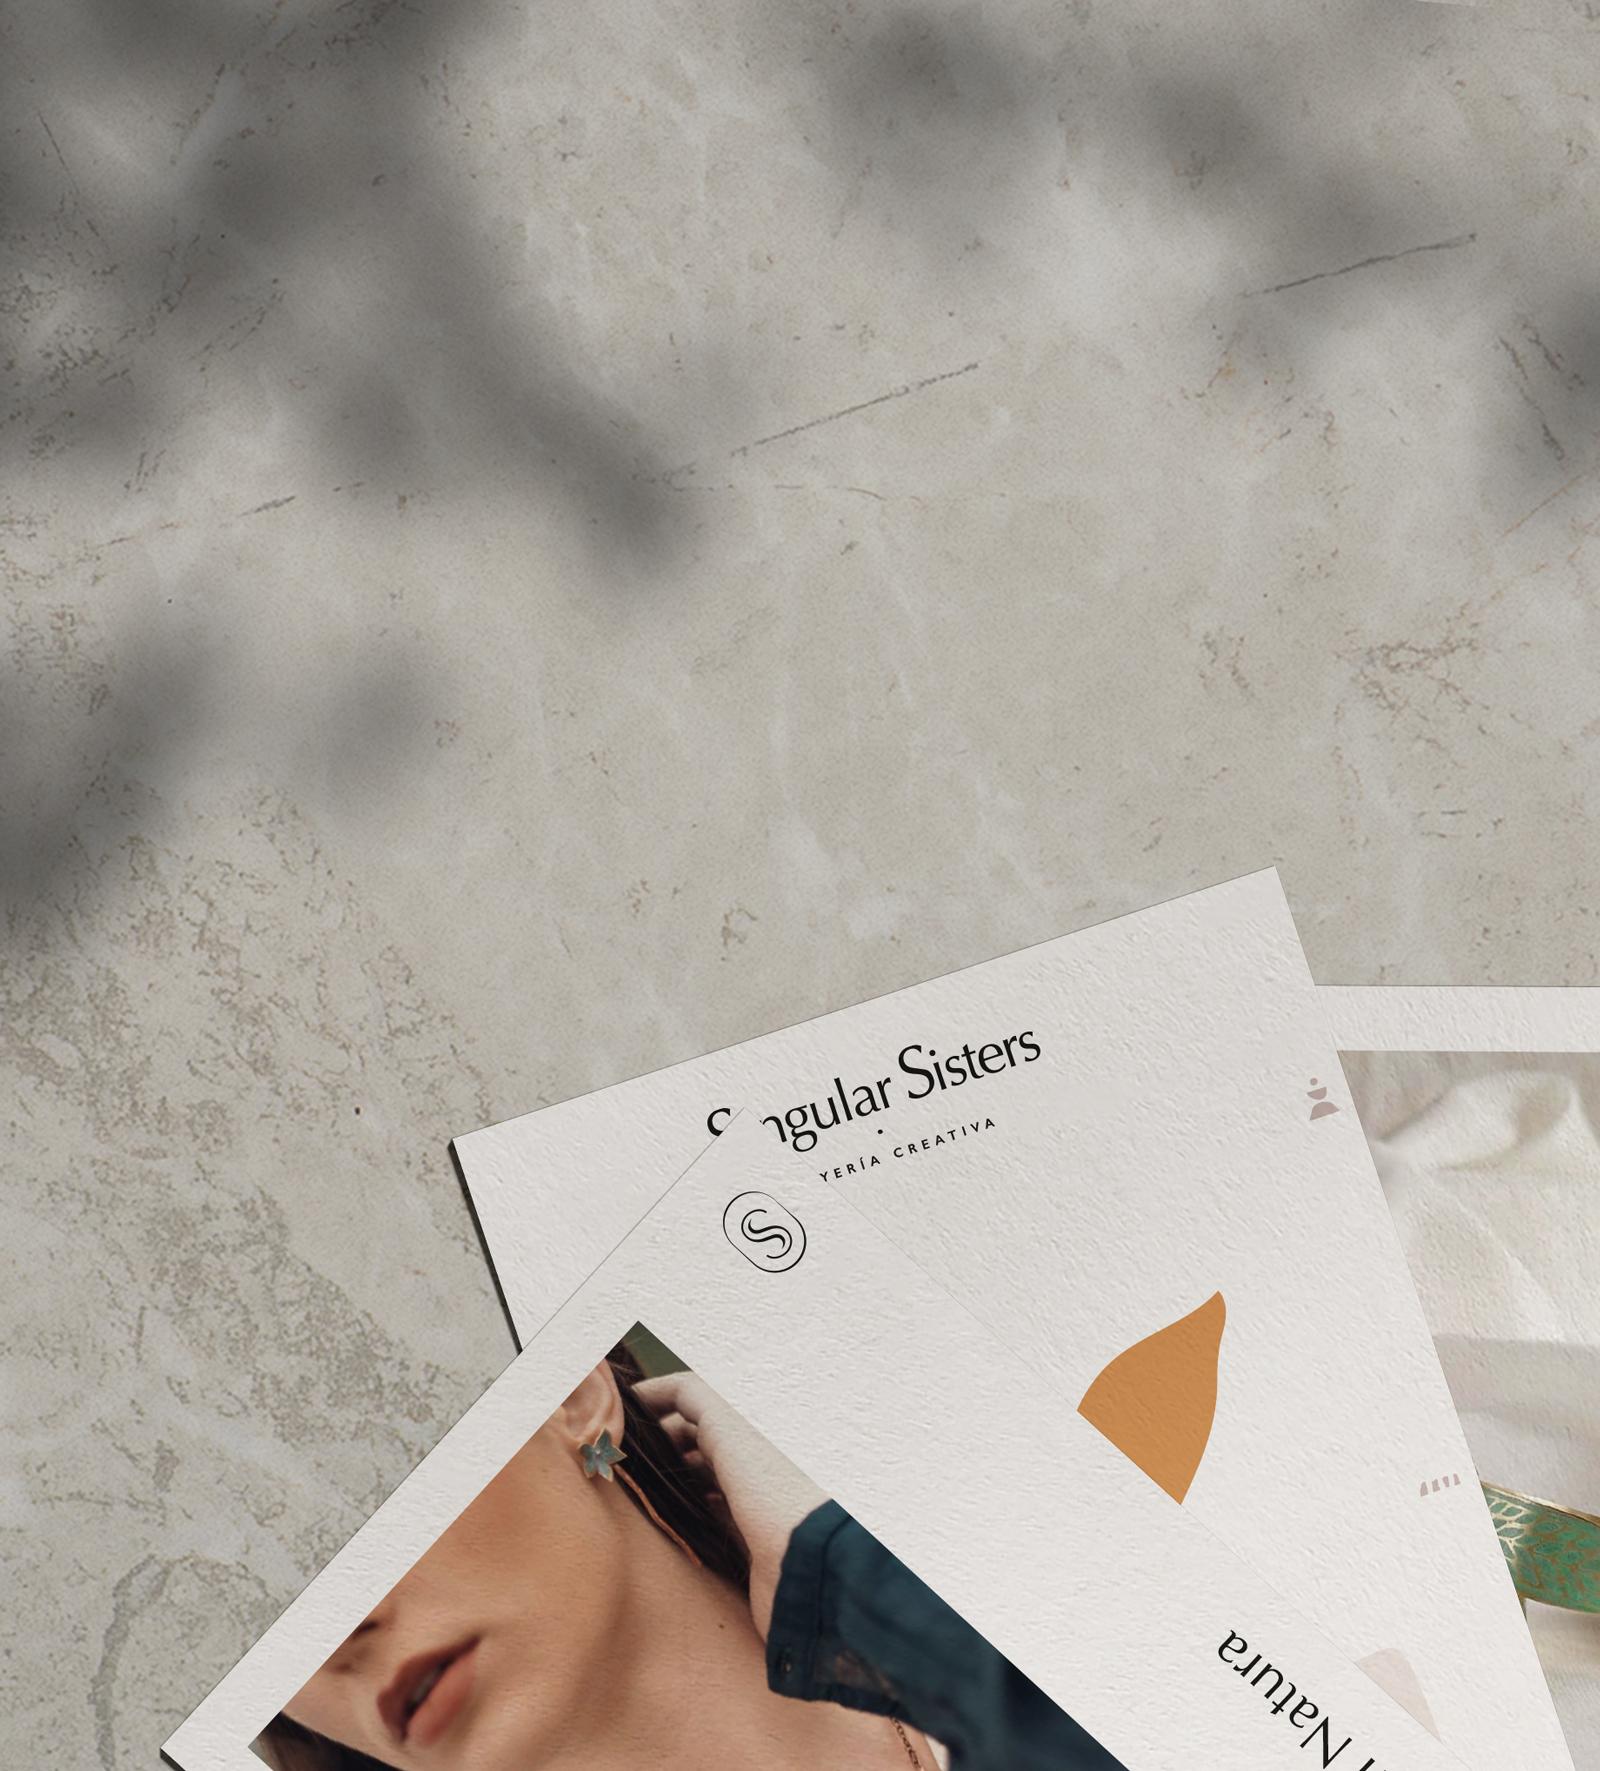 Diseño Identidad Visual Singular Sisters por Gelpi Design